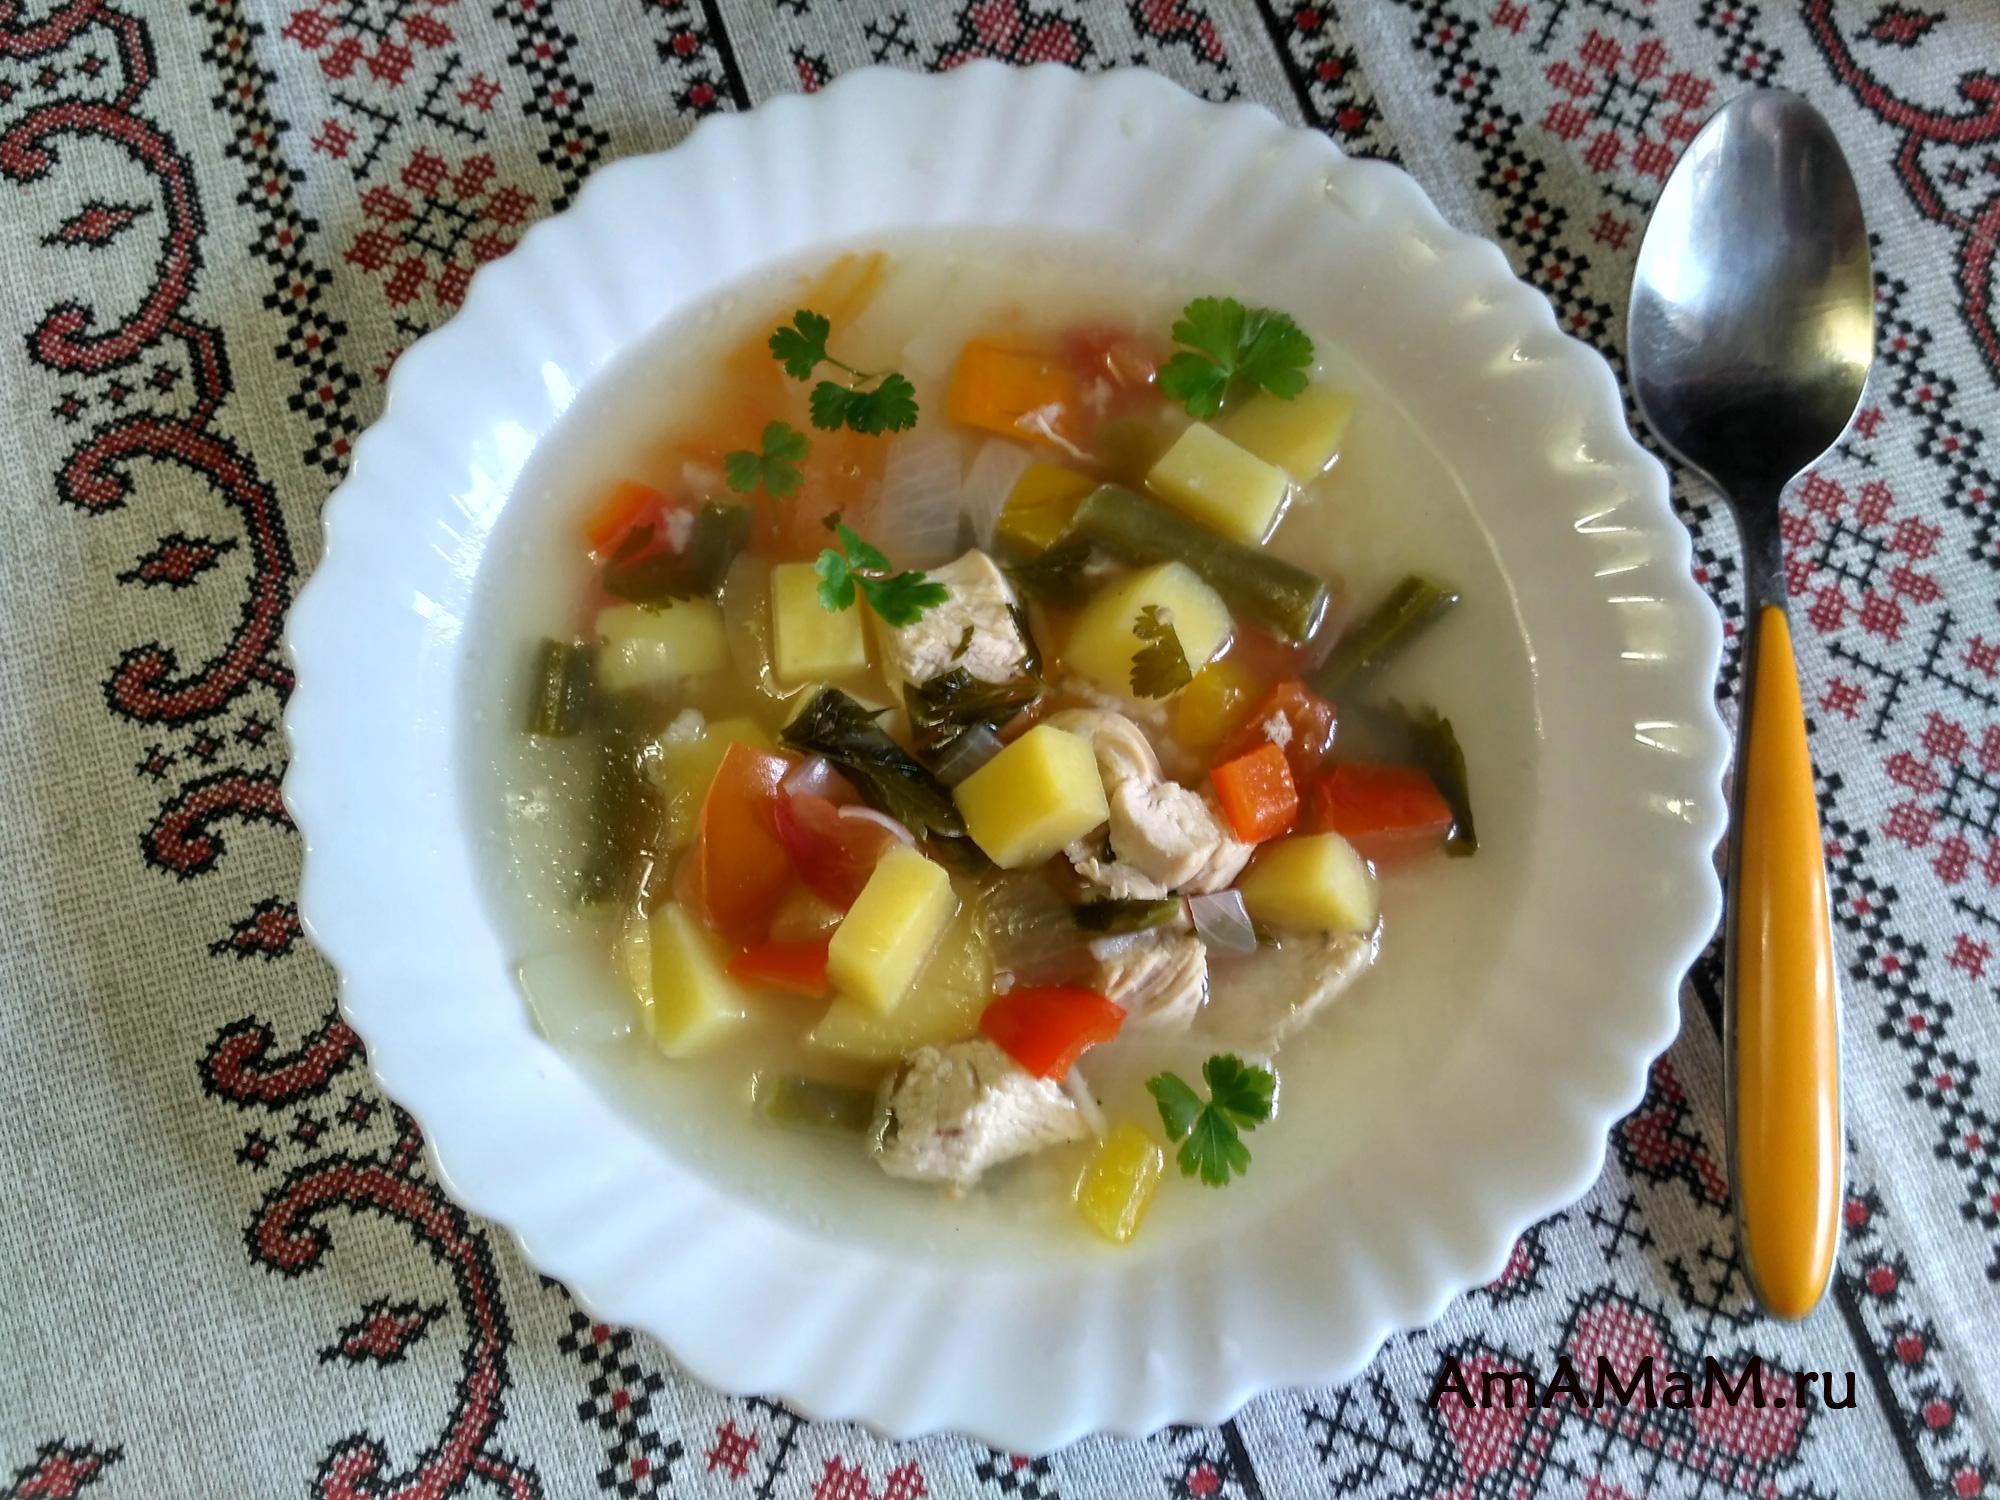 Вкусный суп со стручковой фасолью